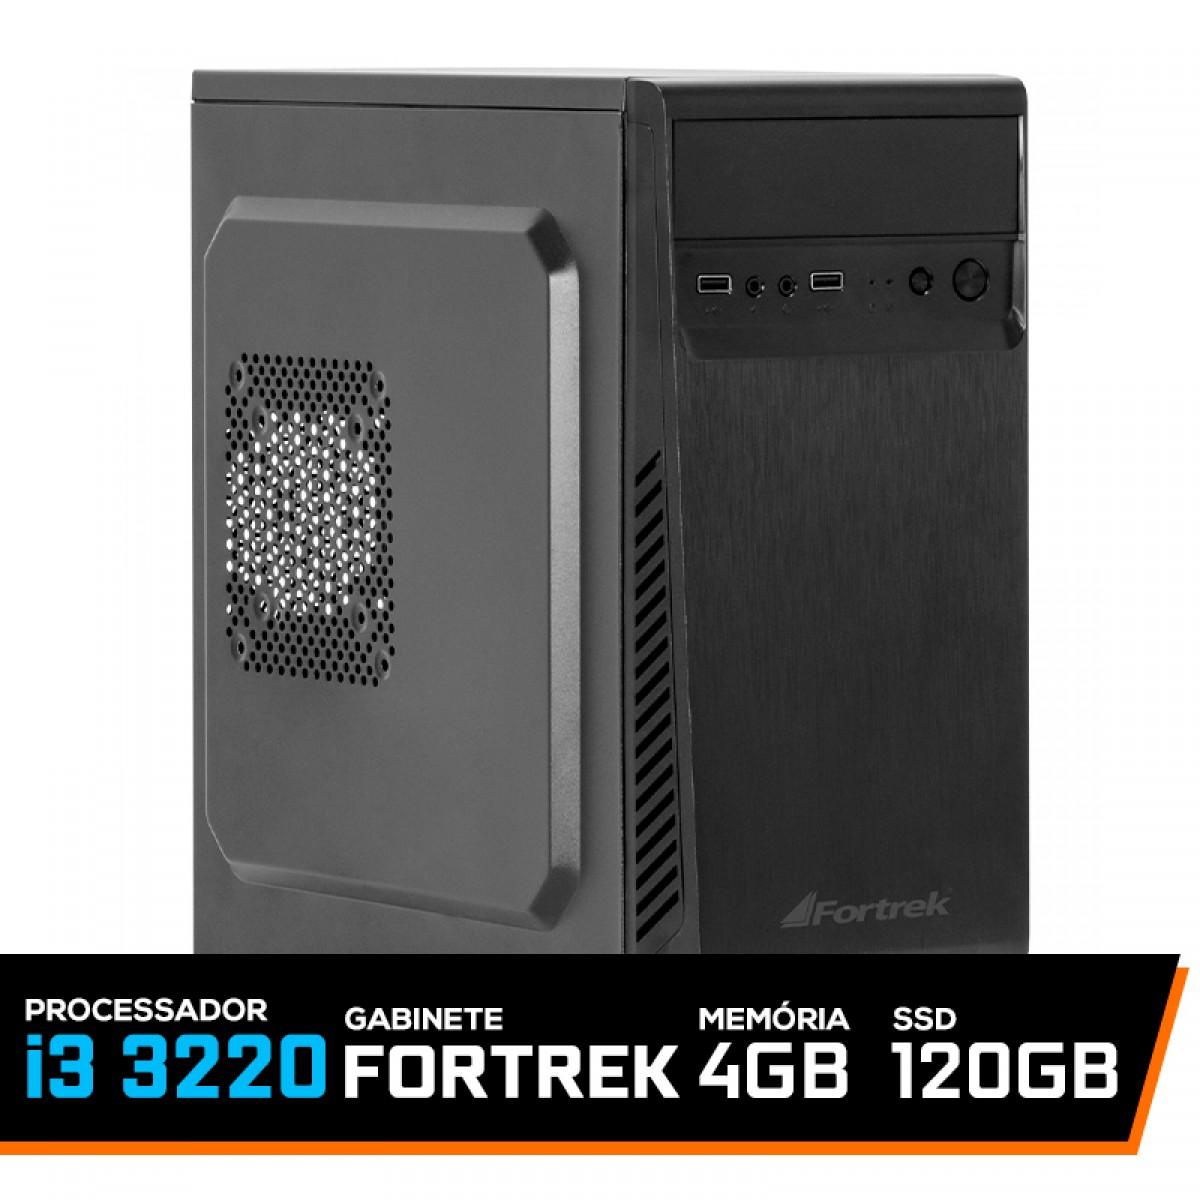 Computador T-Price LVL-2 Intel i3 3220 / 4Gb DDR3 / SSD 120GB